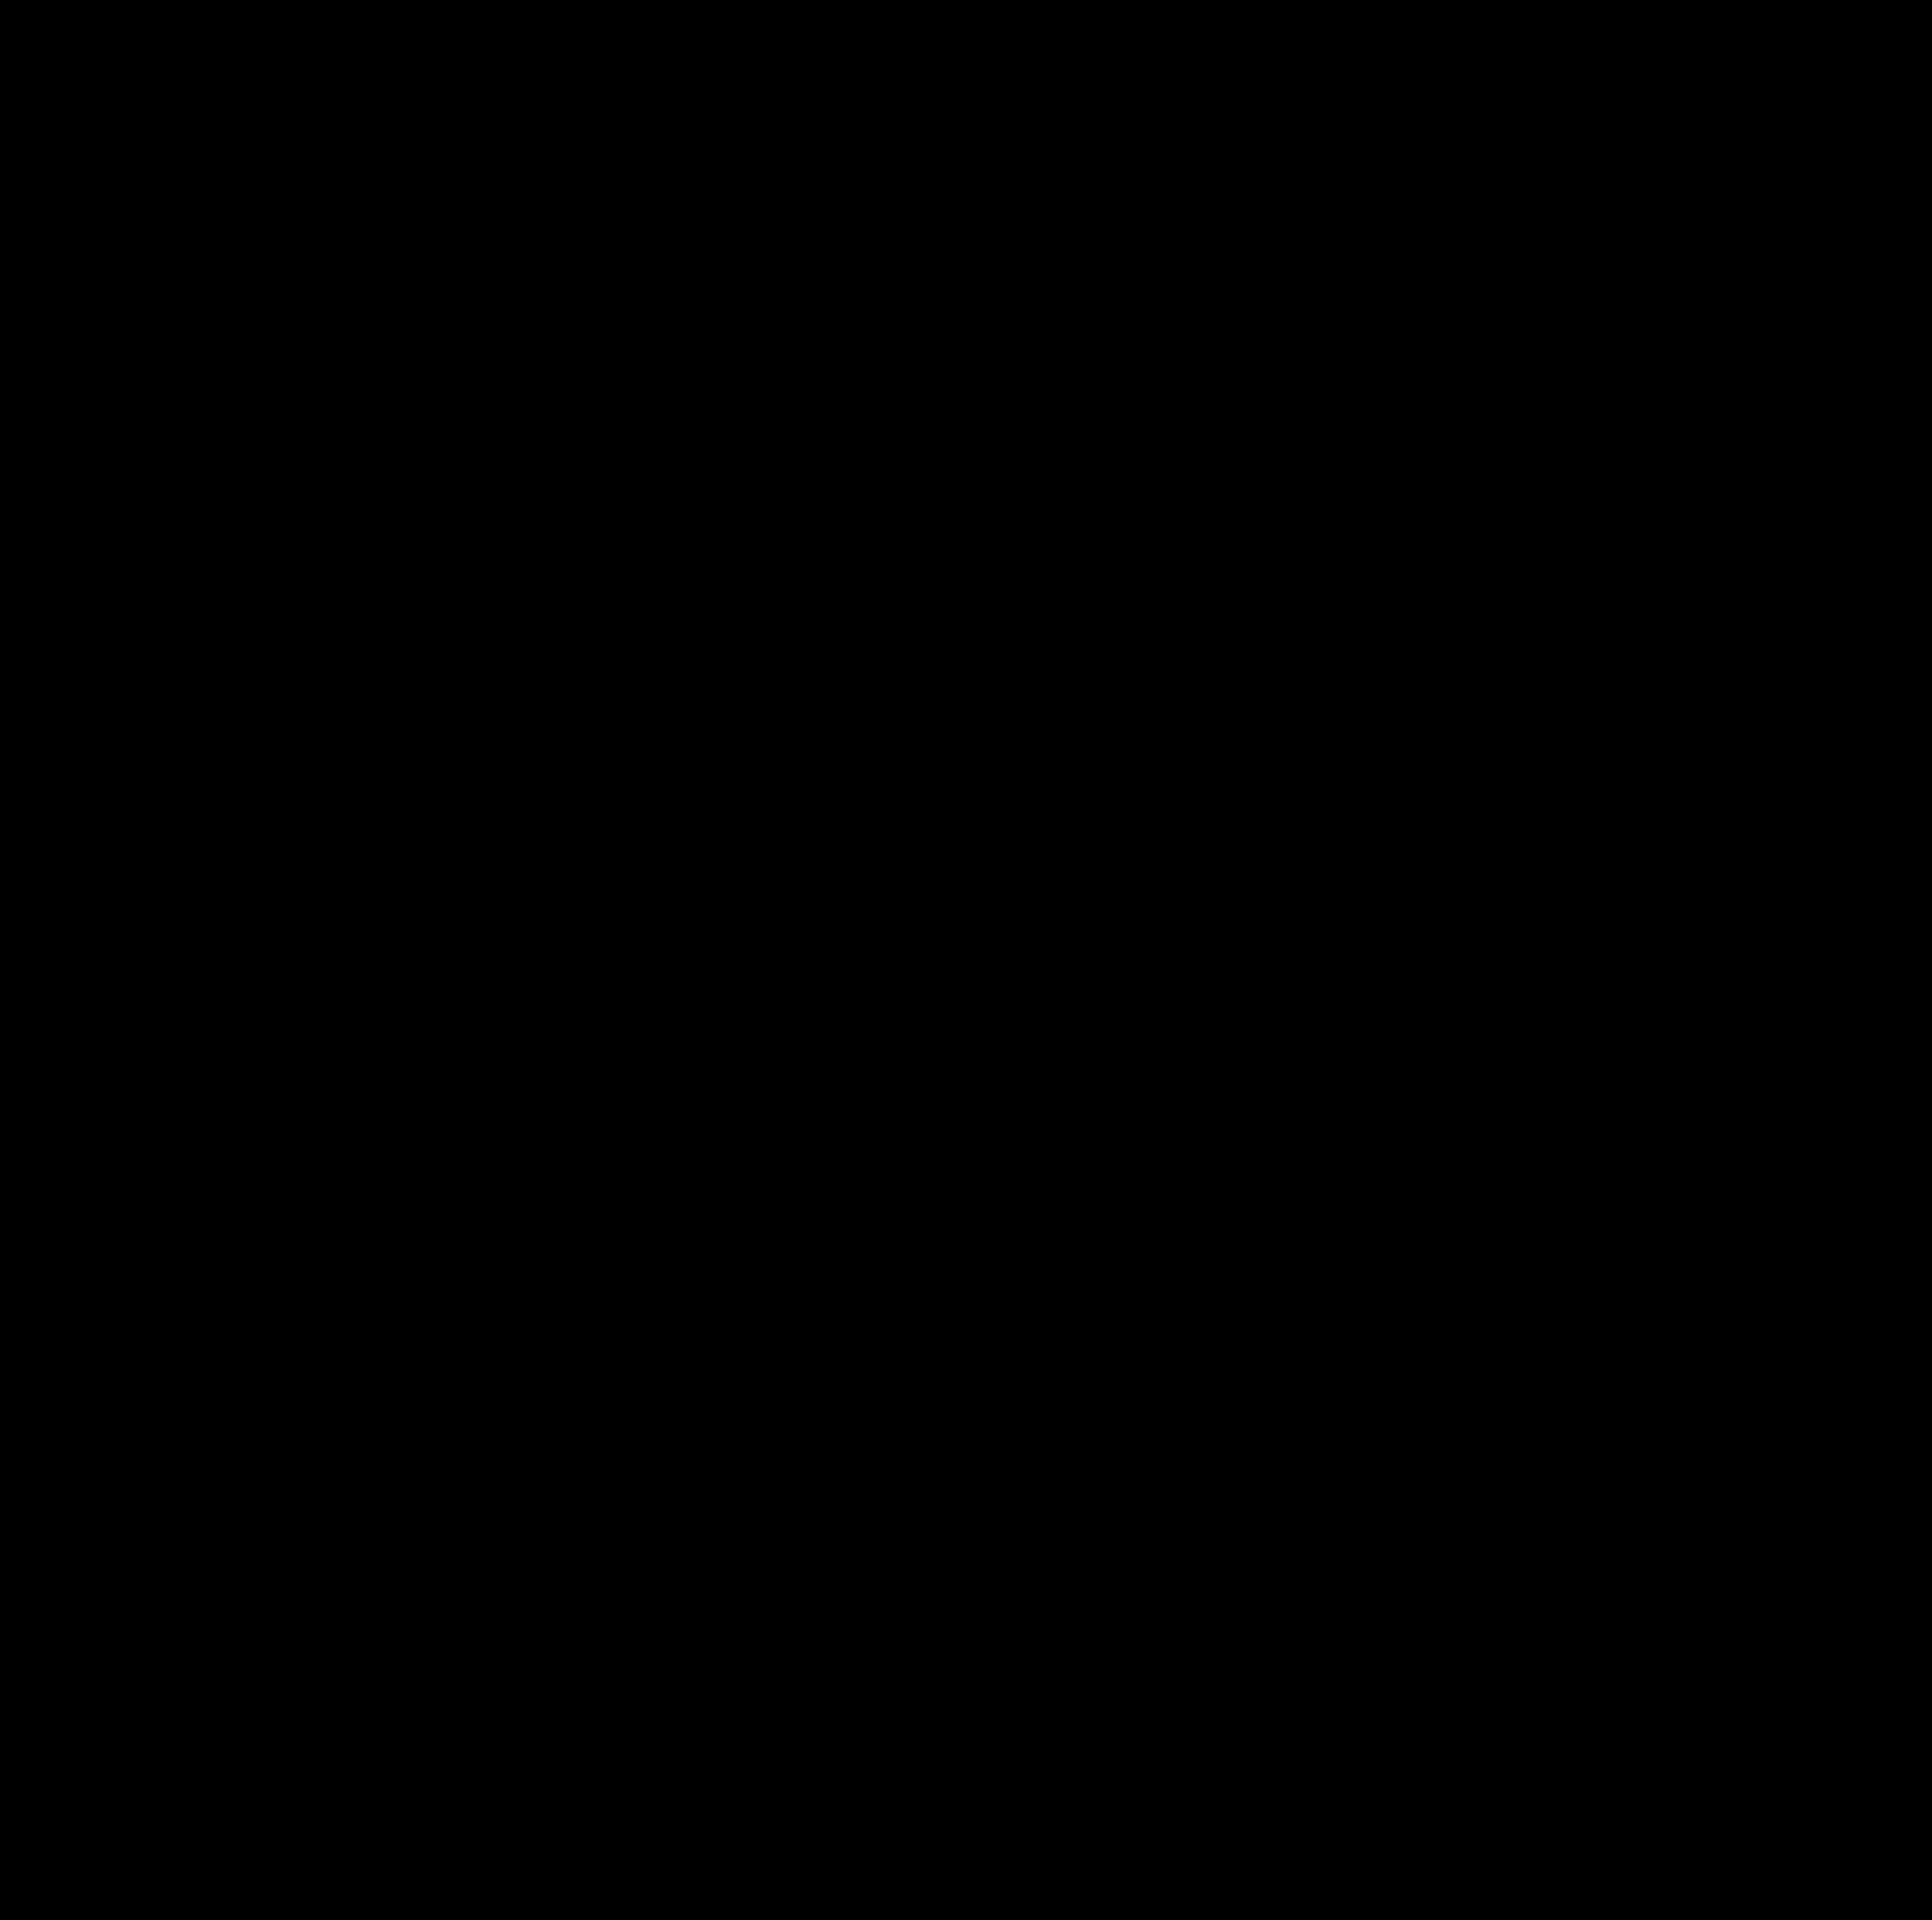 Projektowanie wnętrz wielkopolskie, projektant wielkopolskie A1png